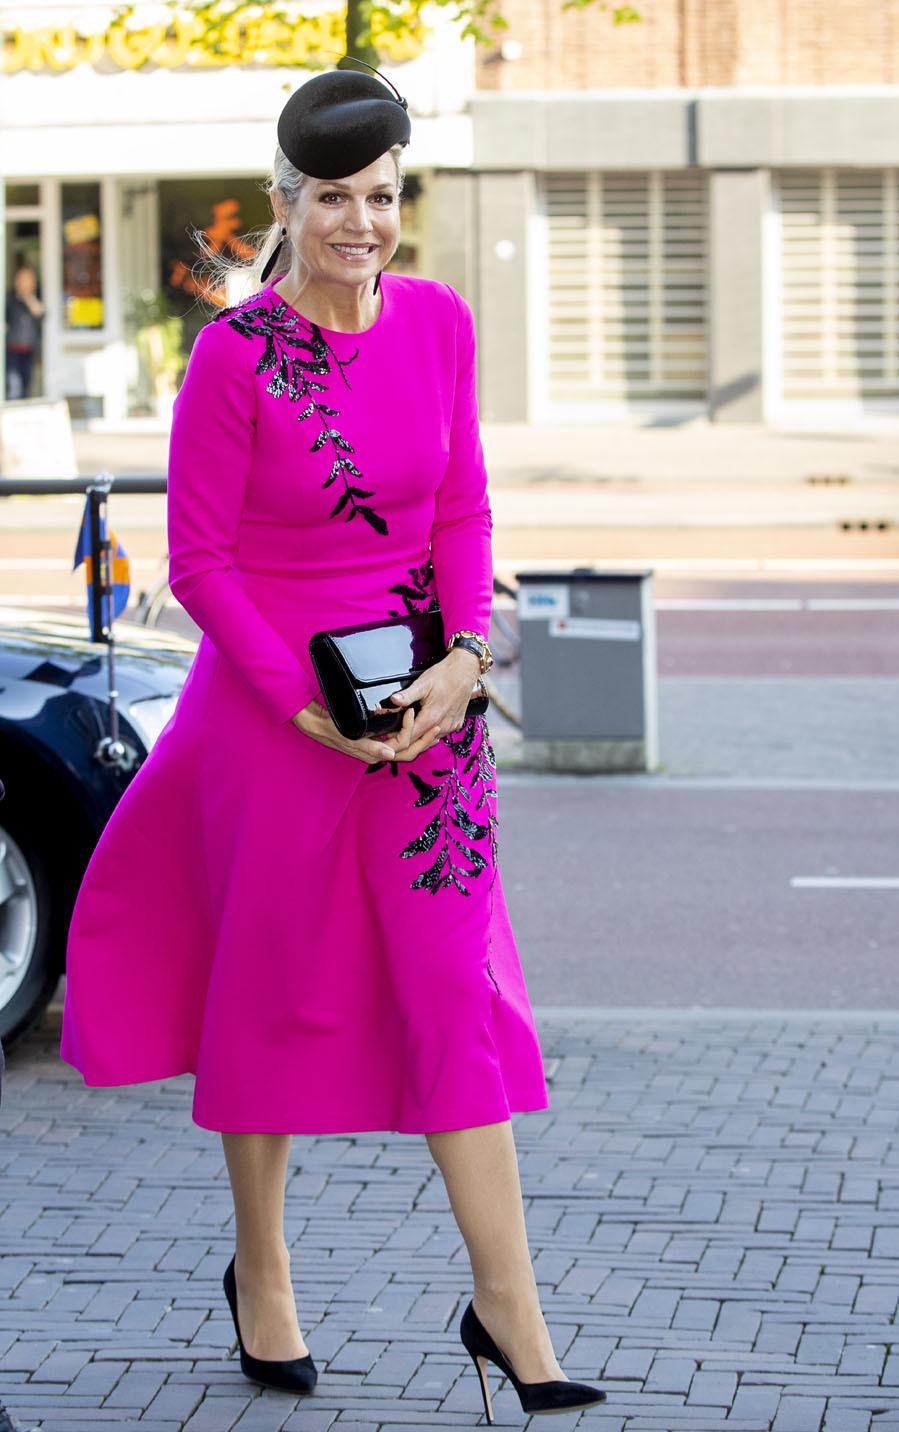 Las mejor vestidas de la semana - Máxima de Holanda